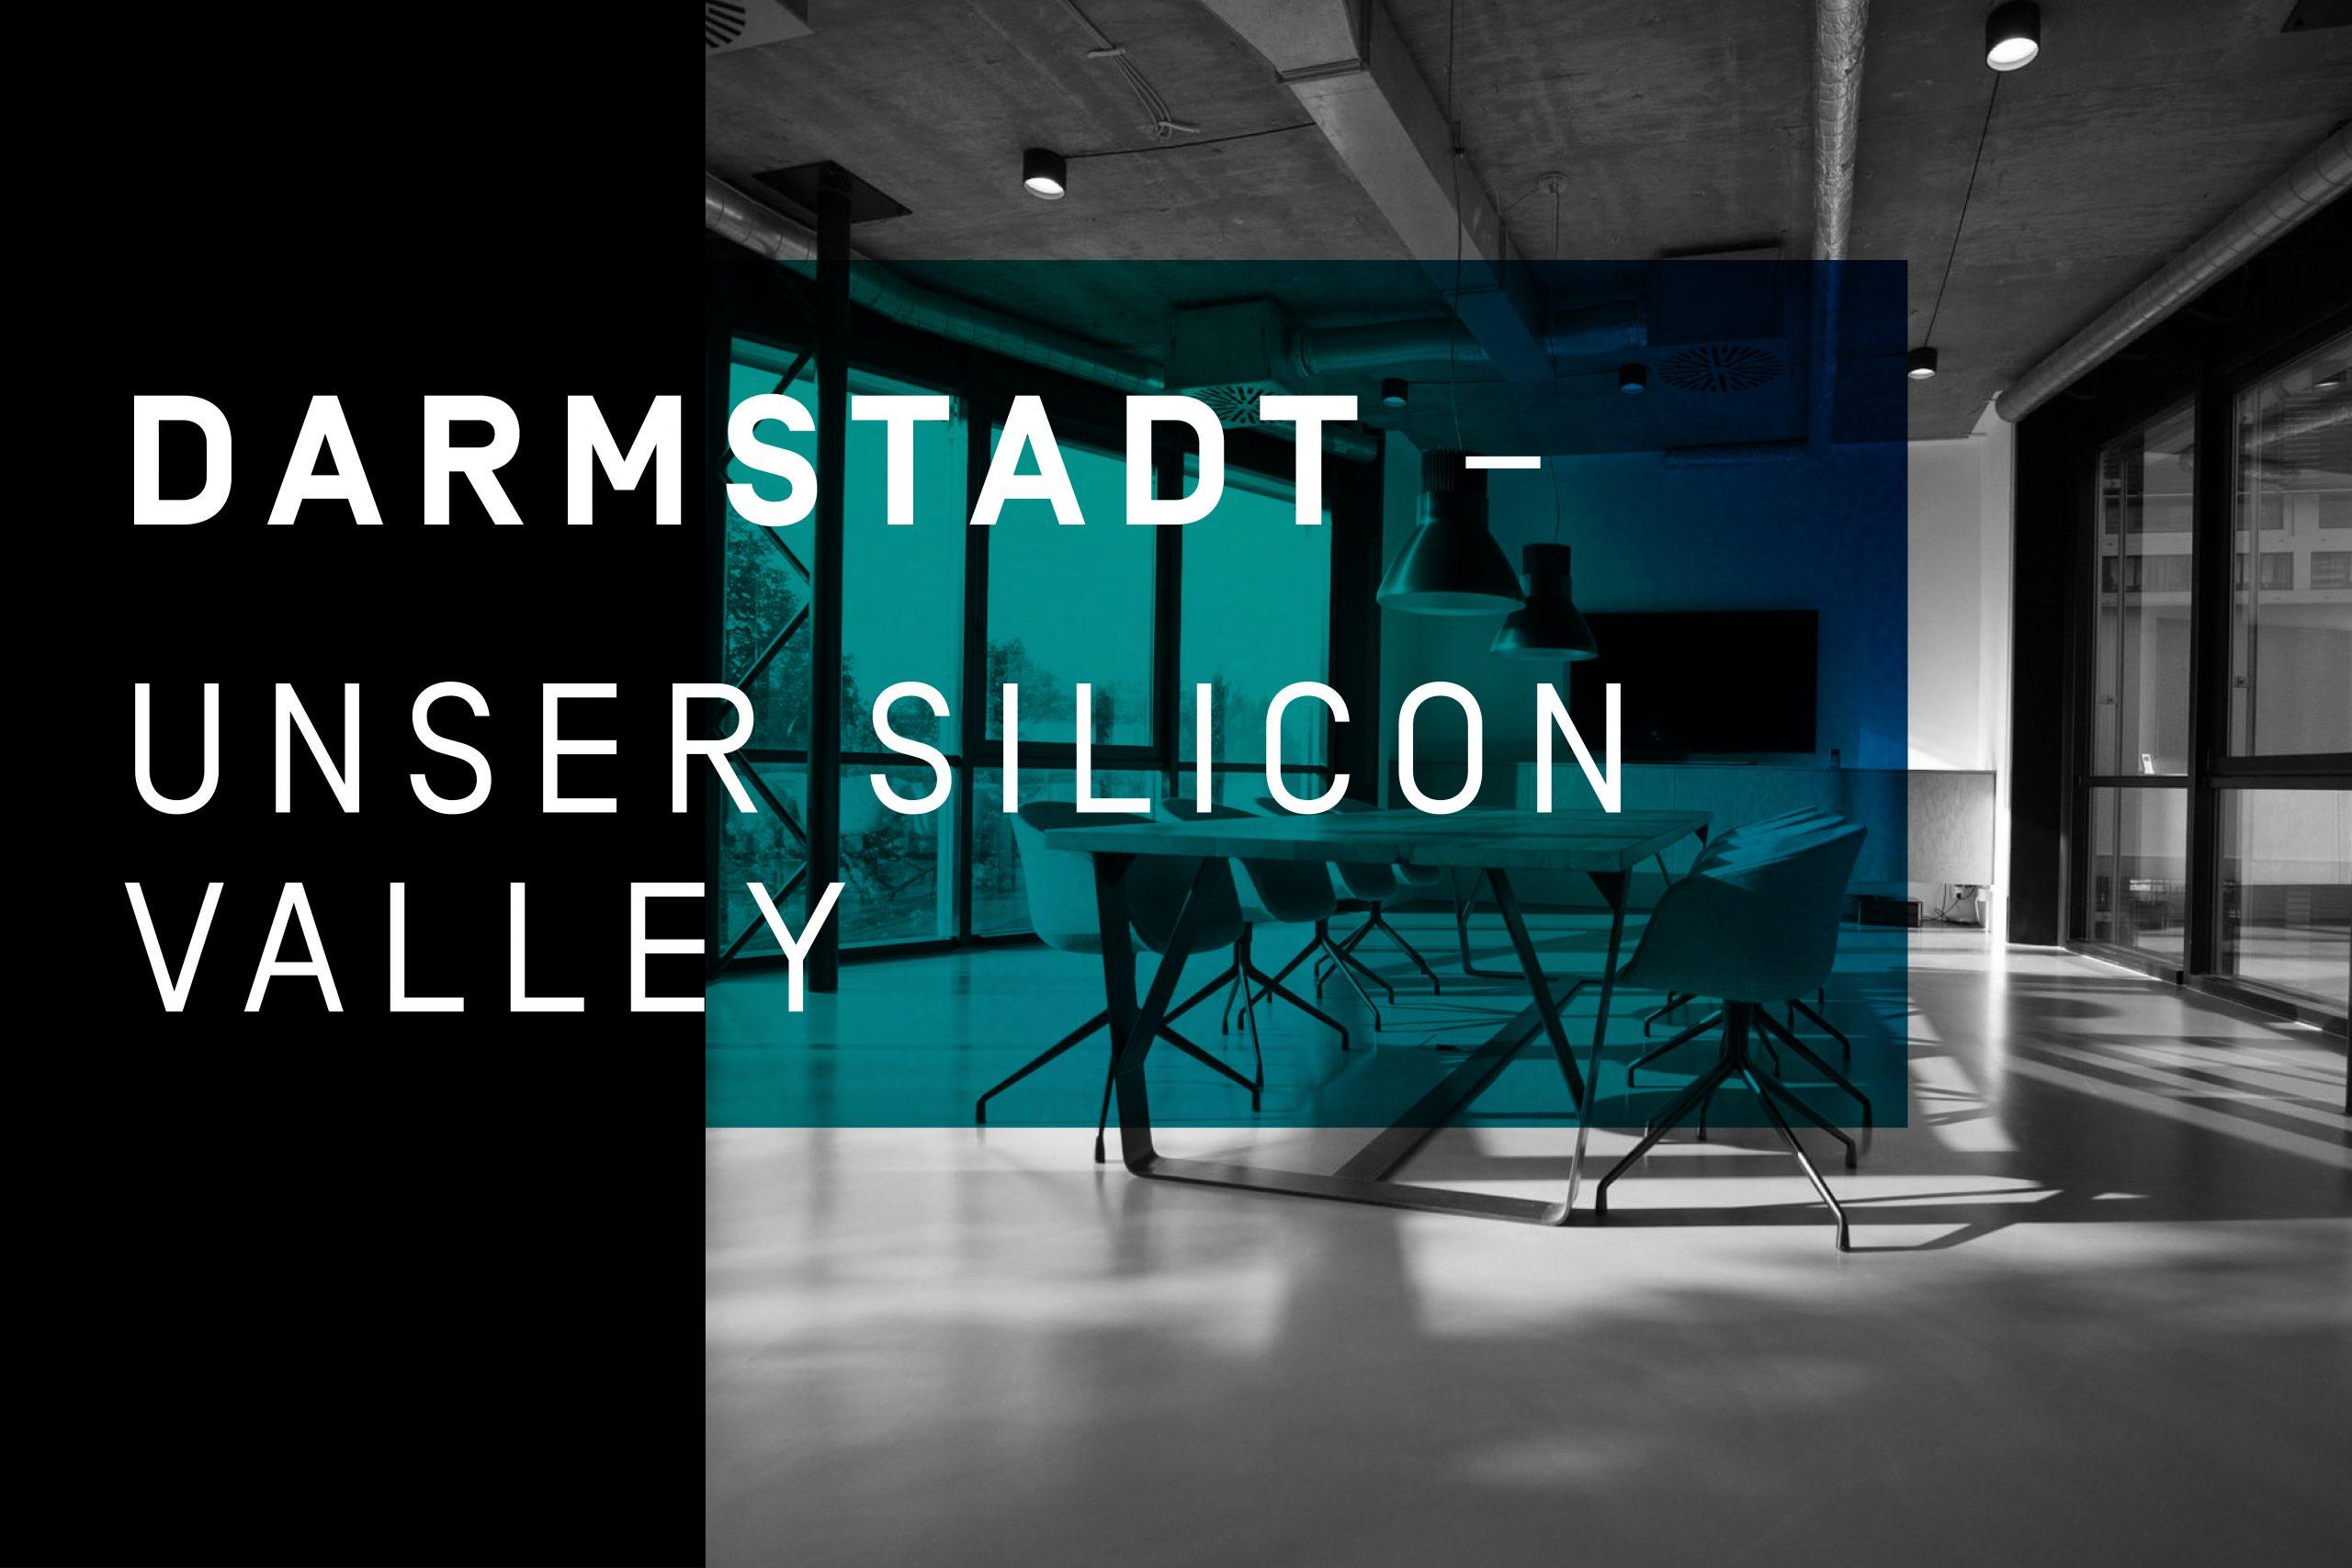 Darmstadt – Unser Silicon Valley